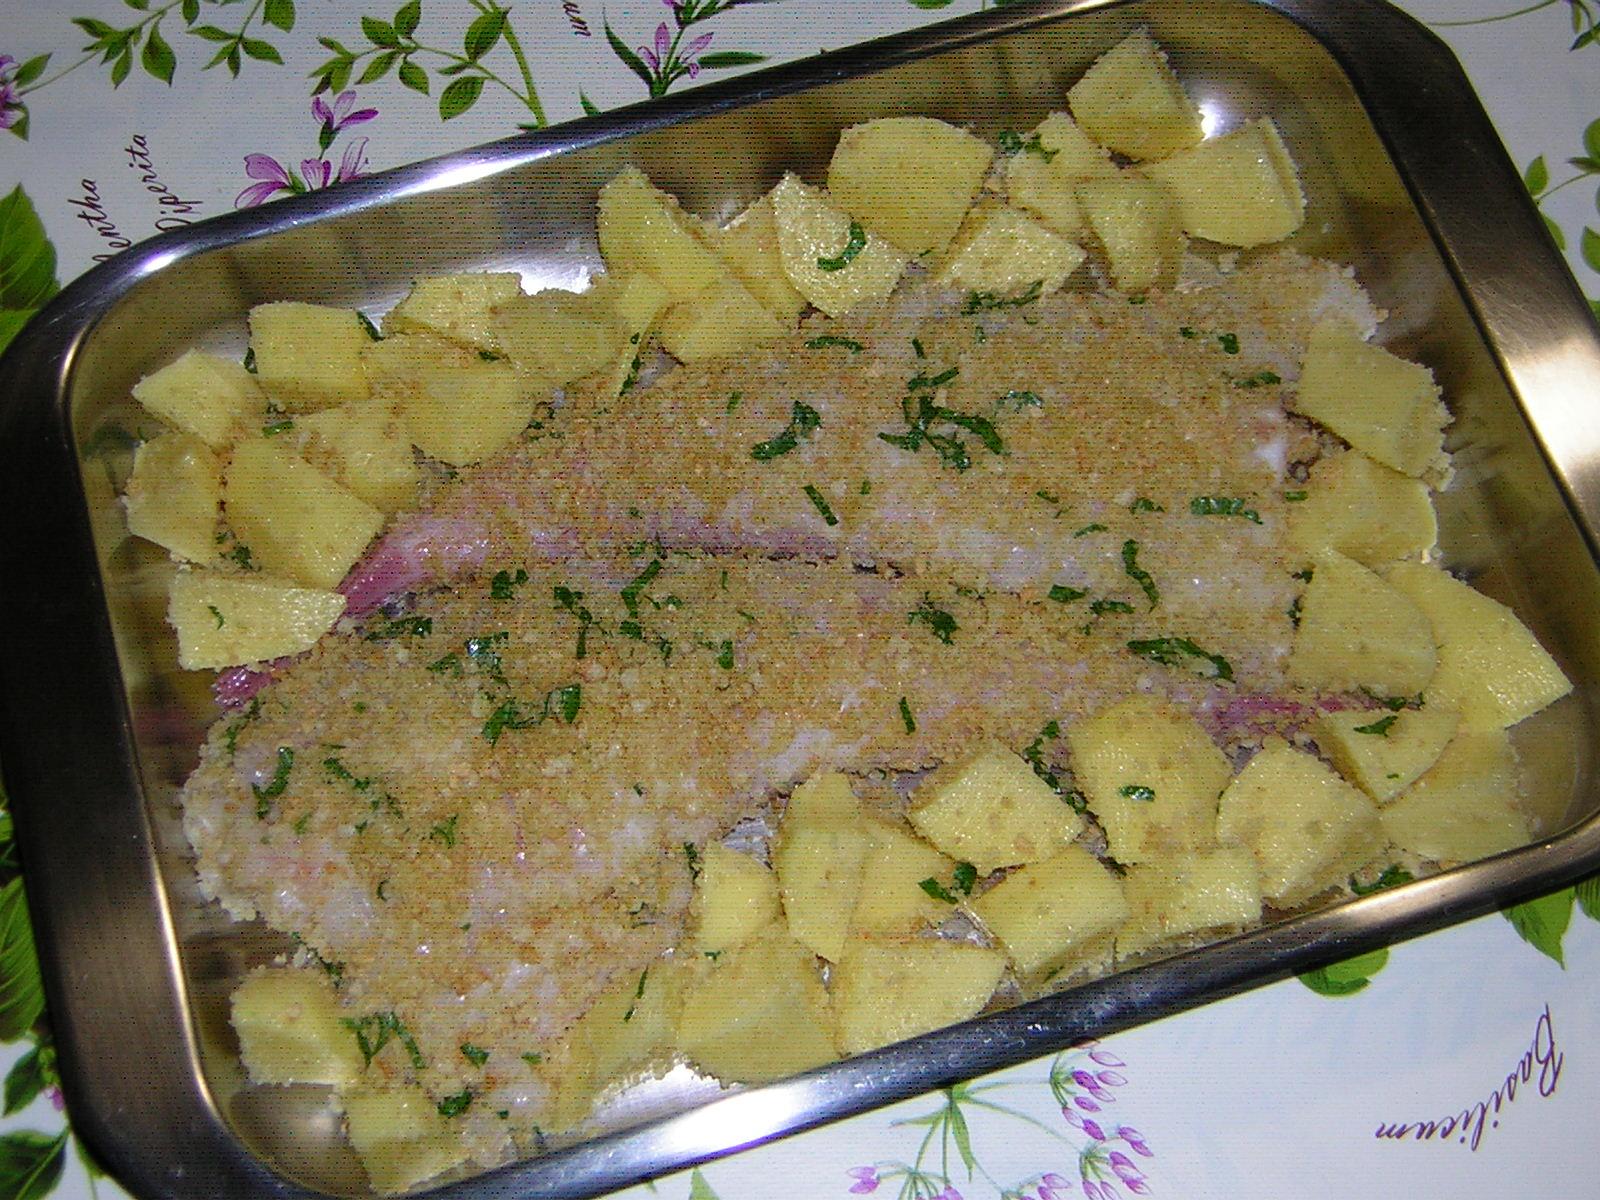 preparazione della coda di rospo al forno con patate